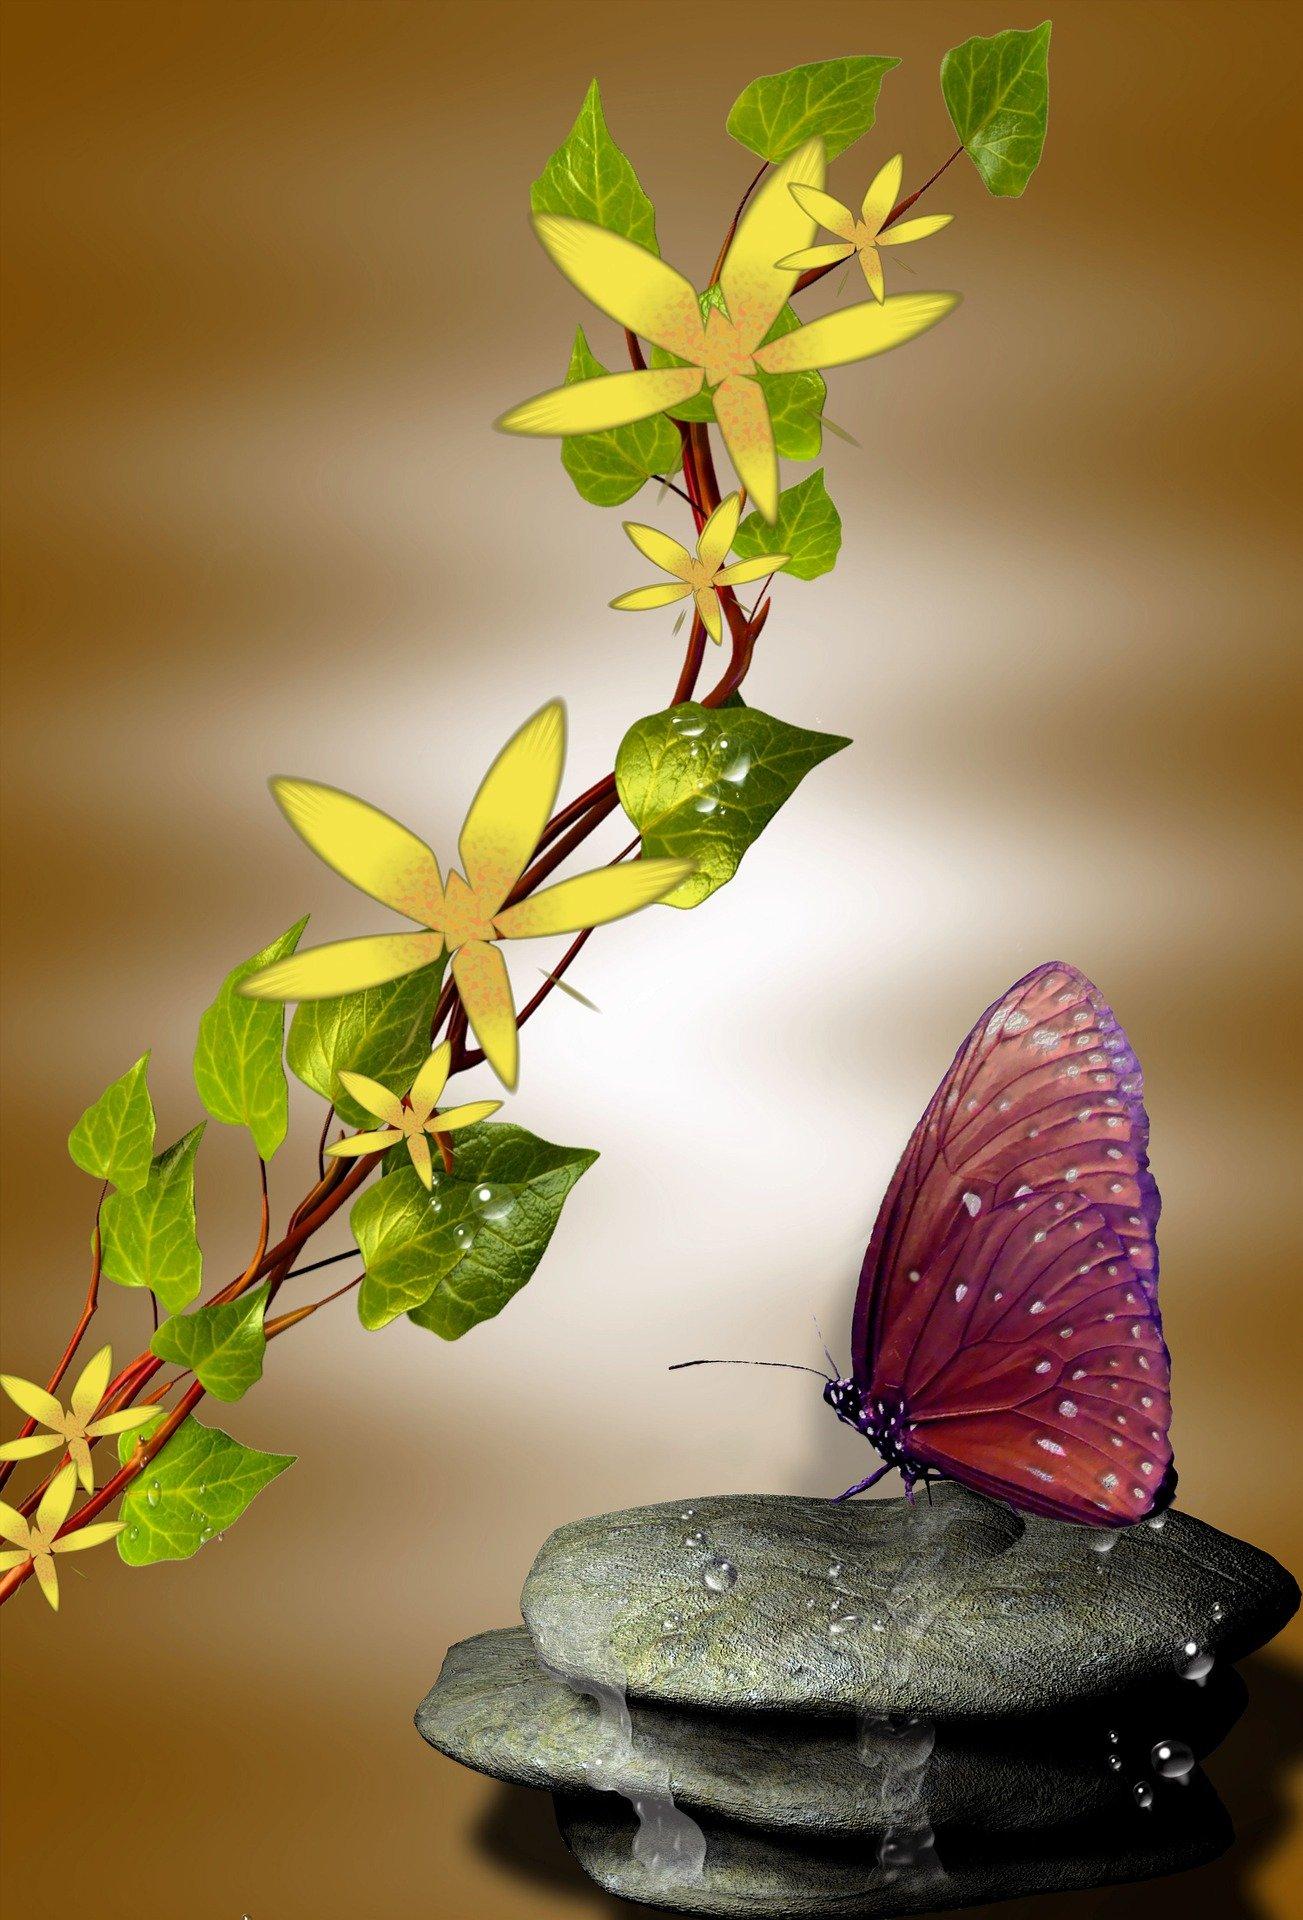 Flower, stone, butterfly